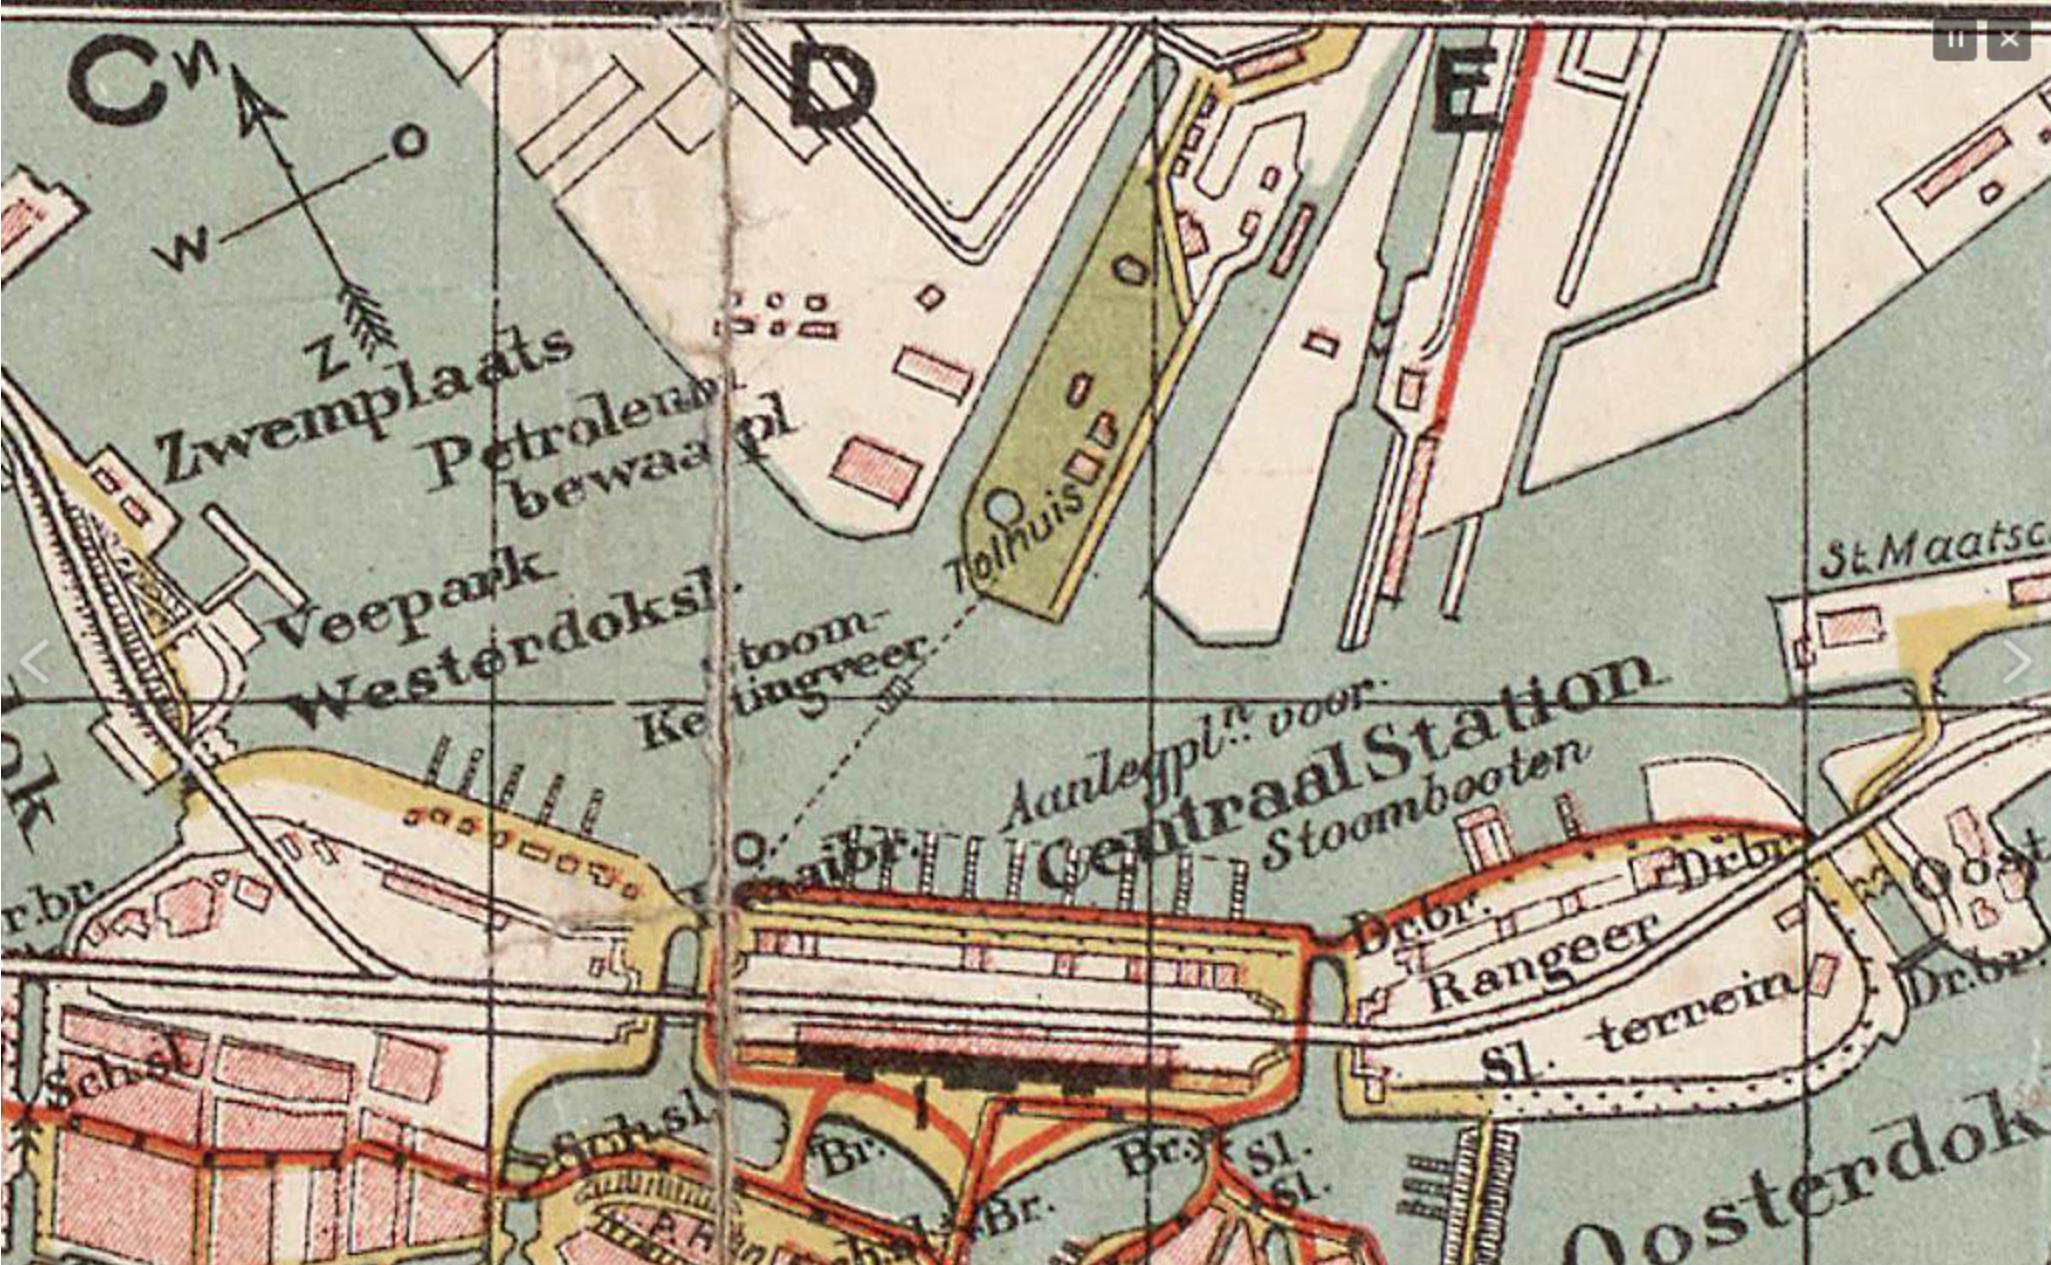 Detail uit kaart uit 1904 van Het IJ en de omgeving van het Centraal Station.